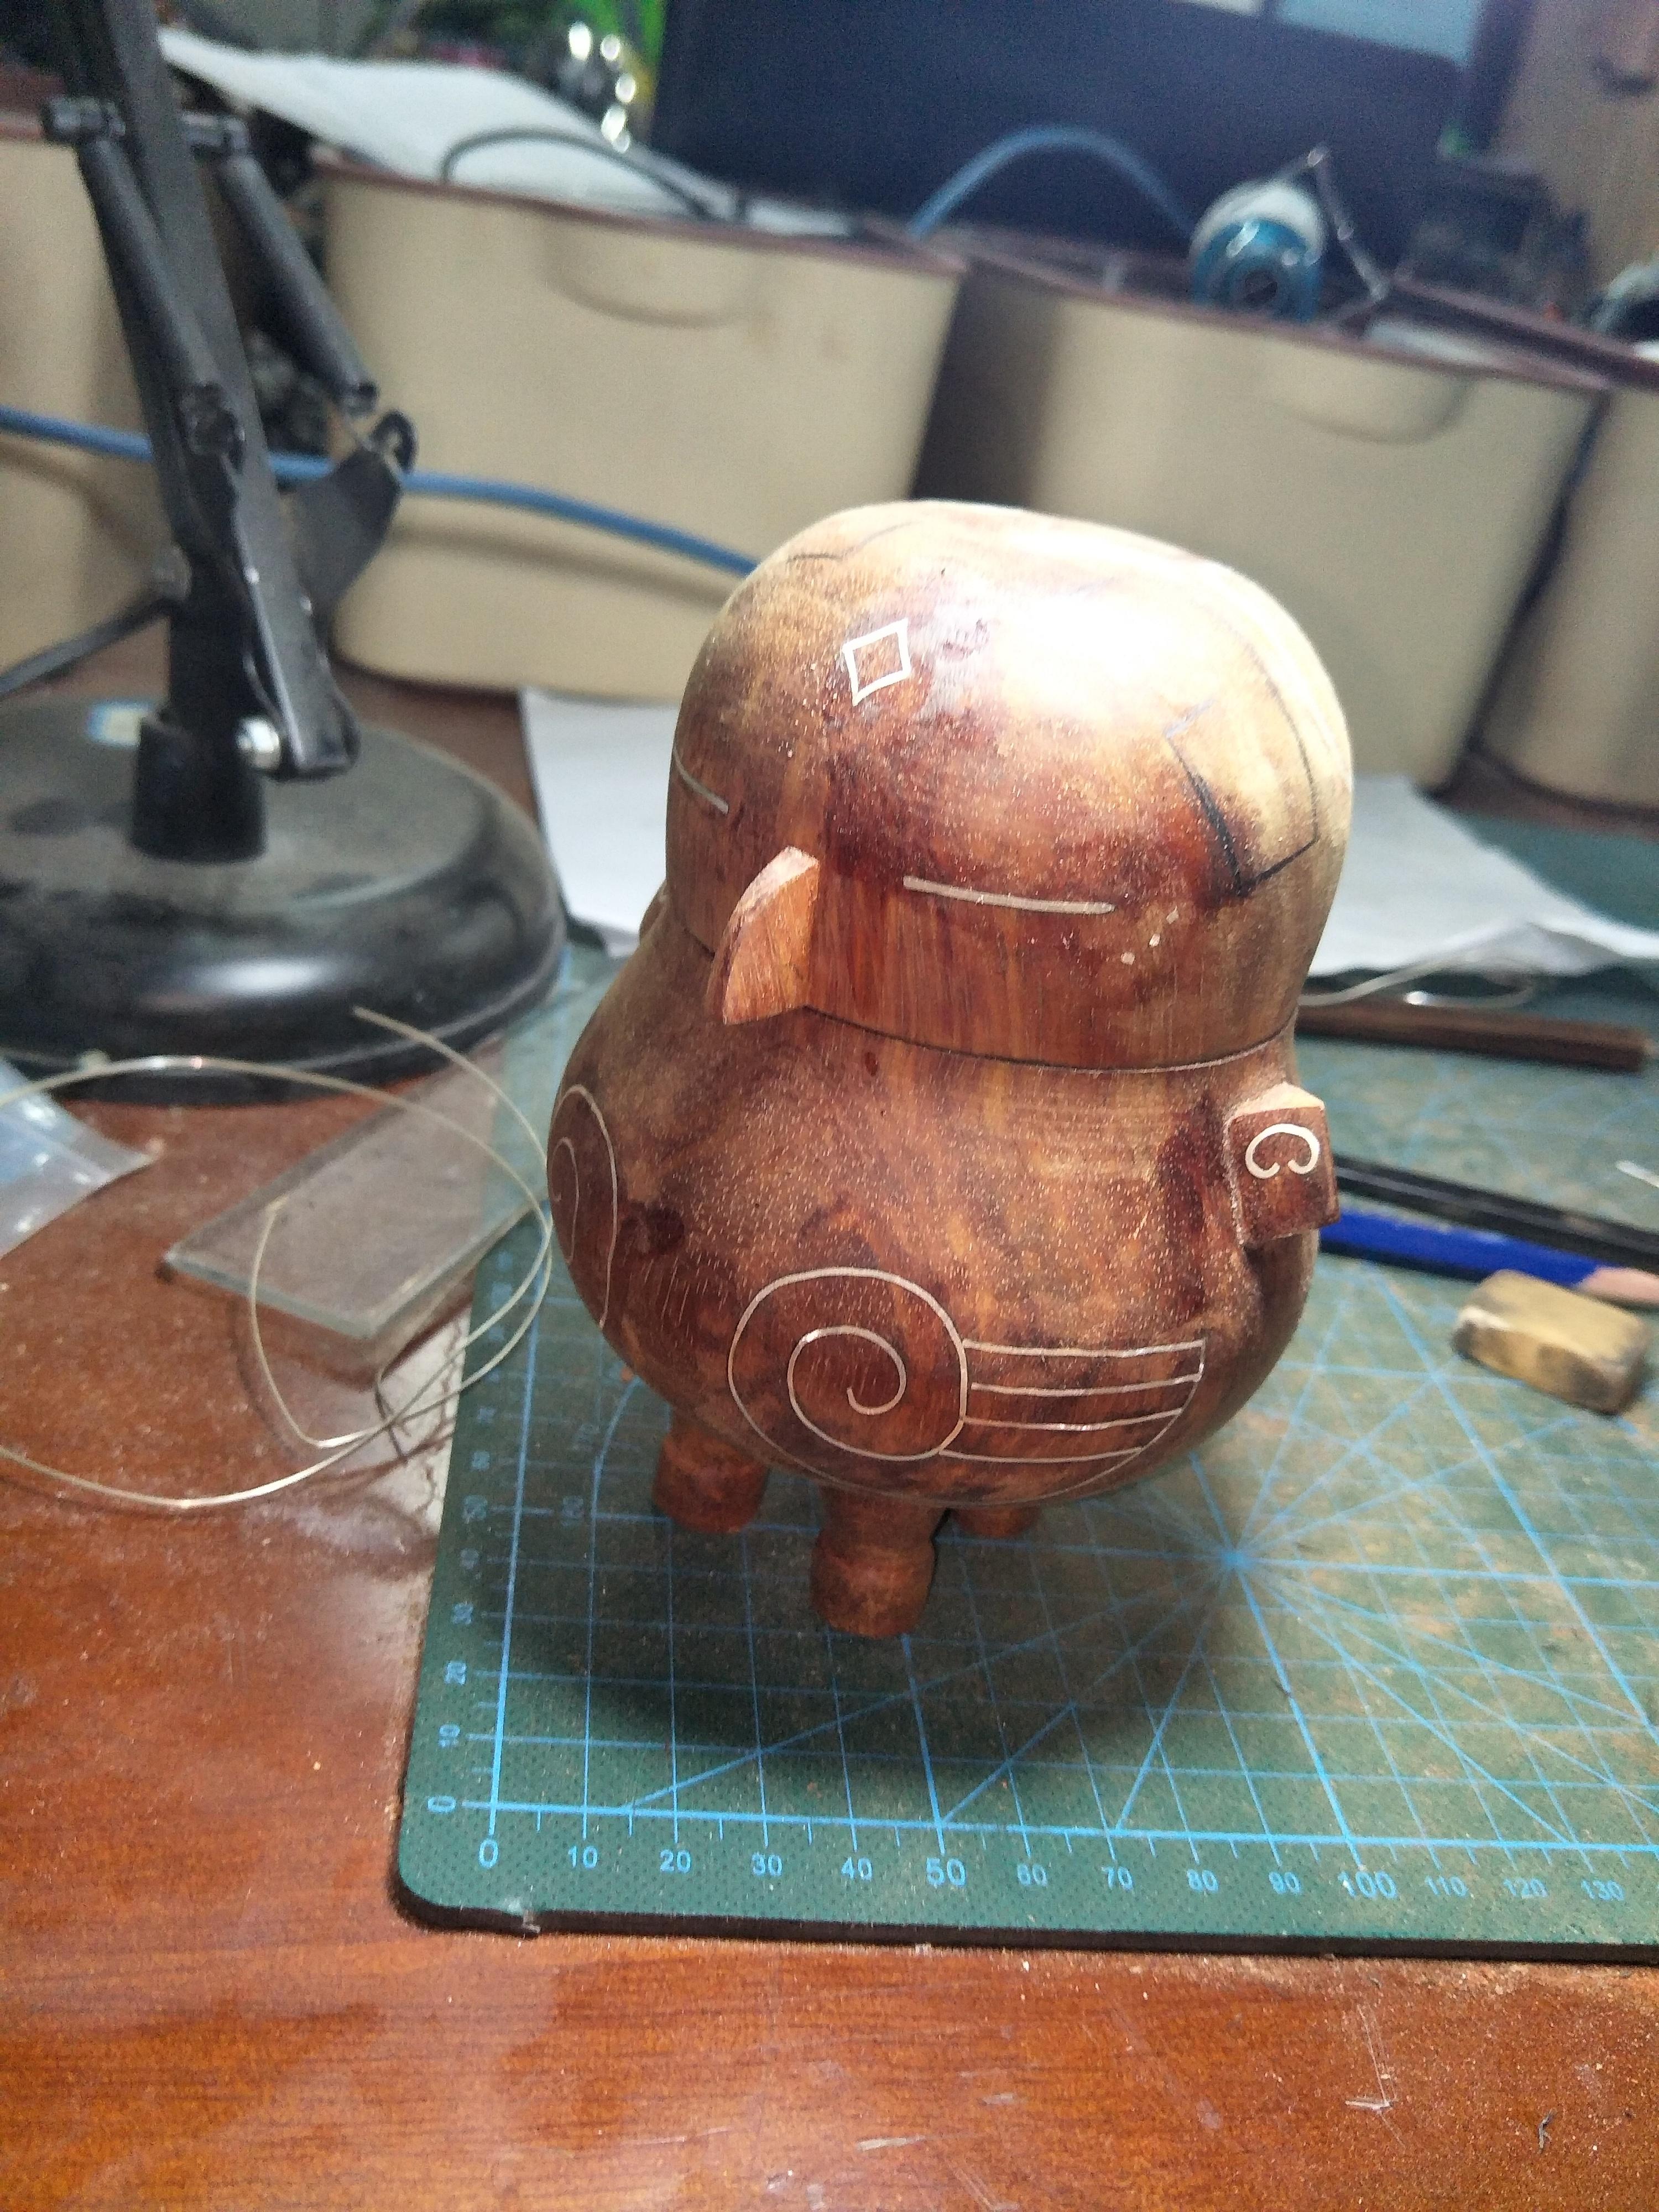 木工手工制作鸮卣大漆手工制作鸮卣以及一些过程图